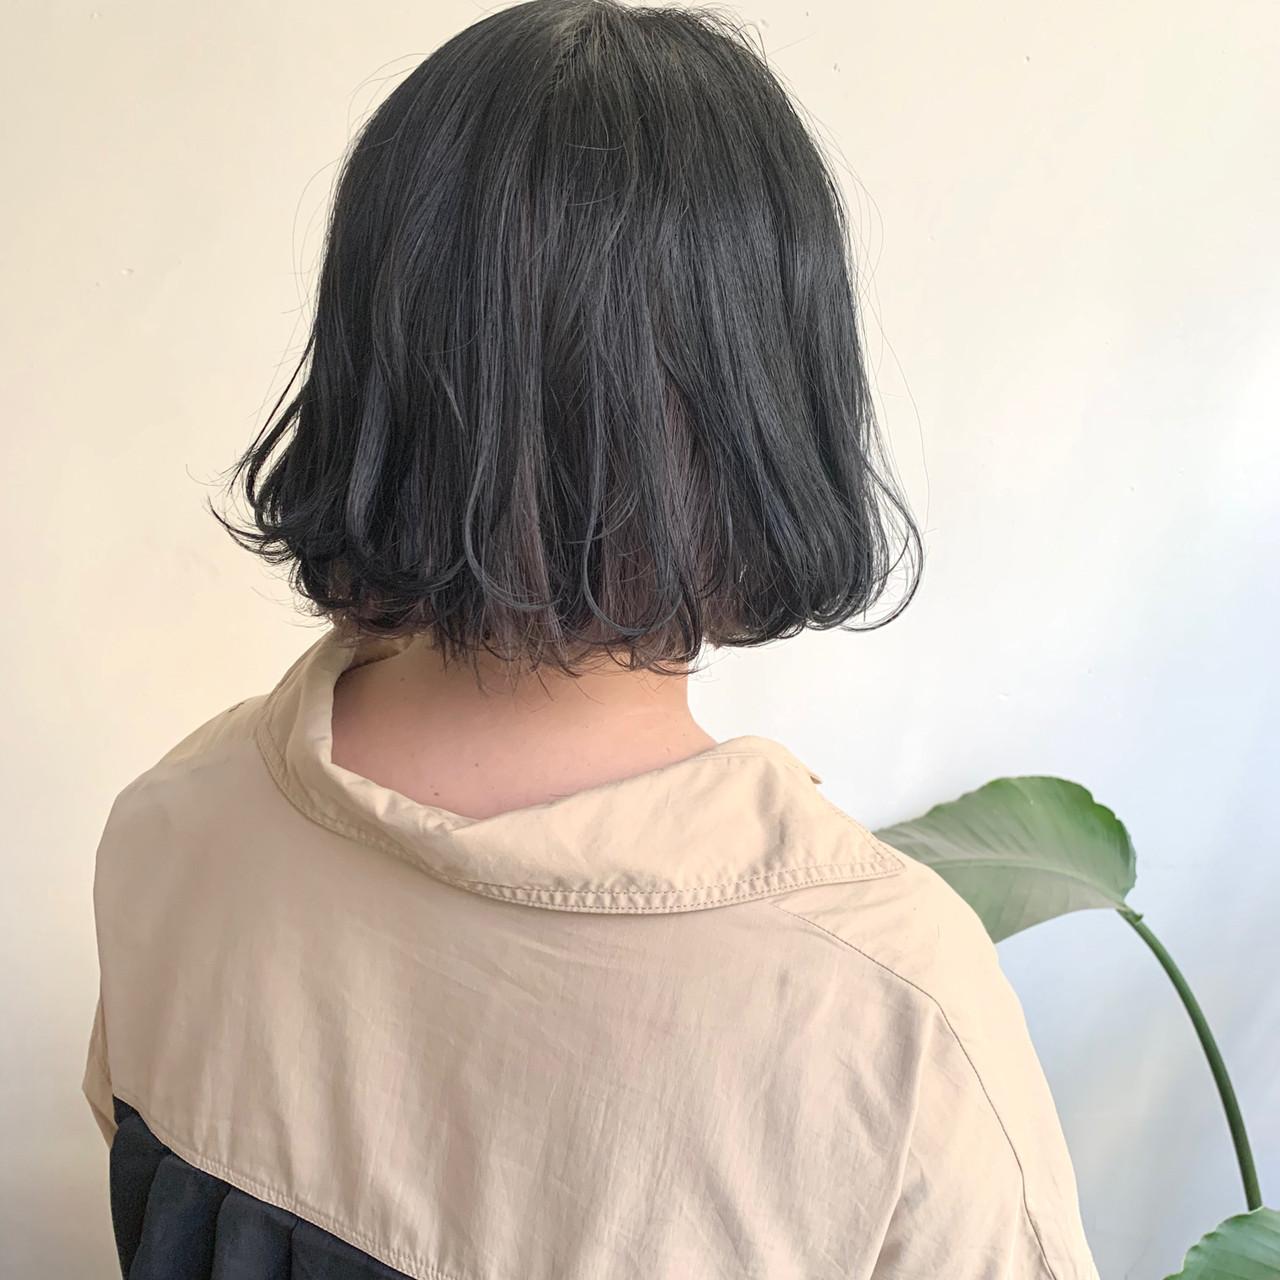 アッシュベージュ ブラウンベージュ インナーカラー ボブ ヘアスタイルや髪型の写真・画像 | ハシモト シュン / Zina